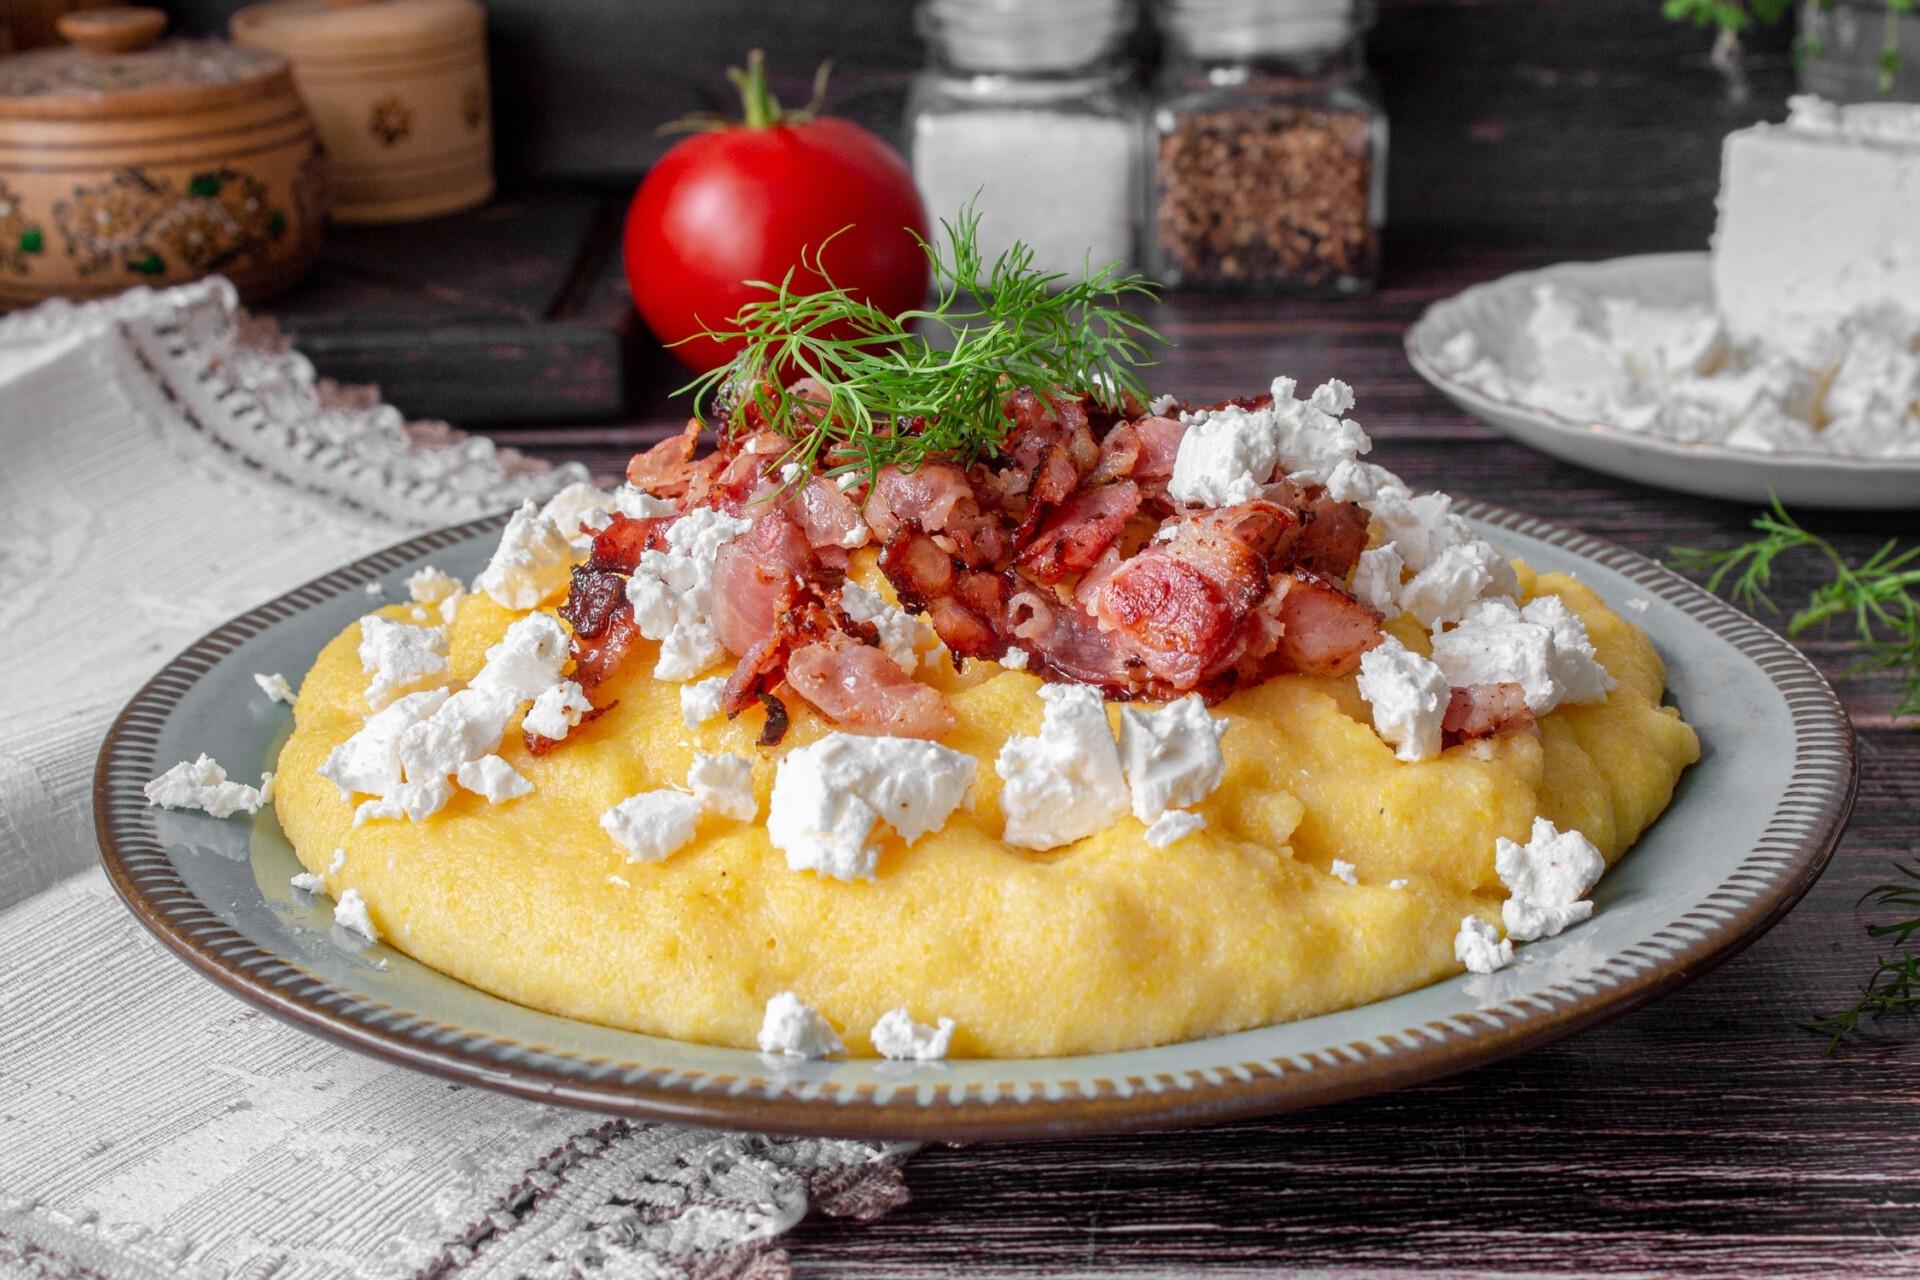 Вкусная подборка: Руслан Сеничкин поделился любимыми рецептами украинских блюд ко Дню Независимости - фото №5